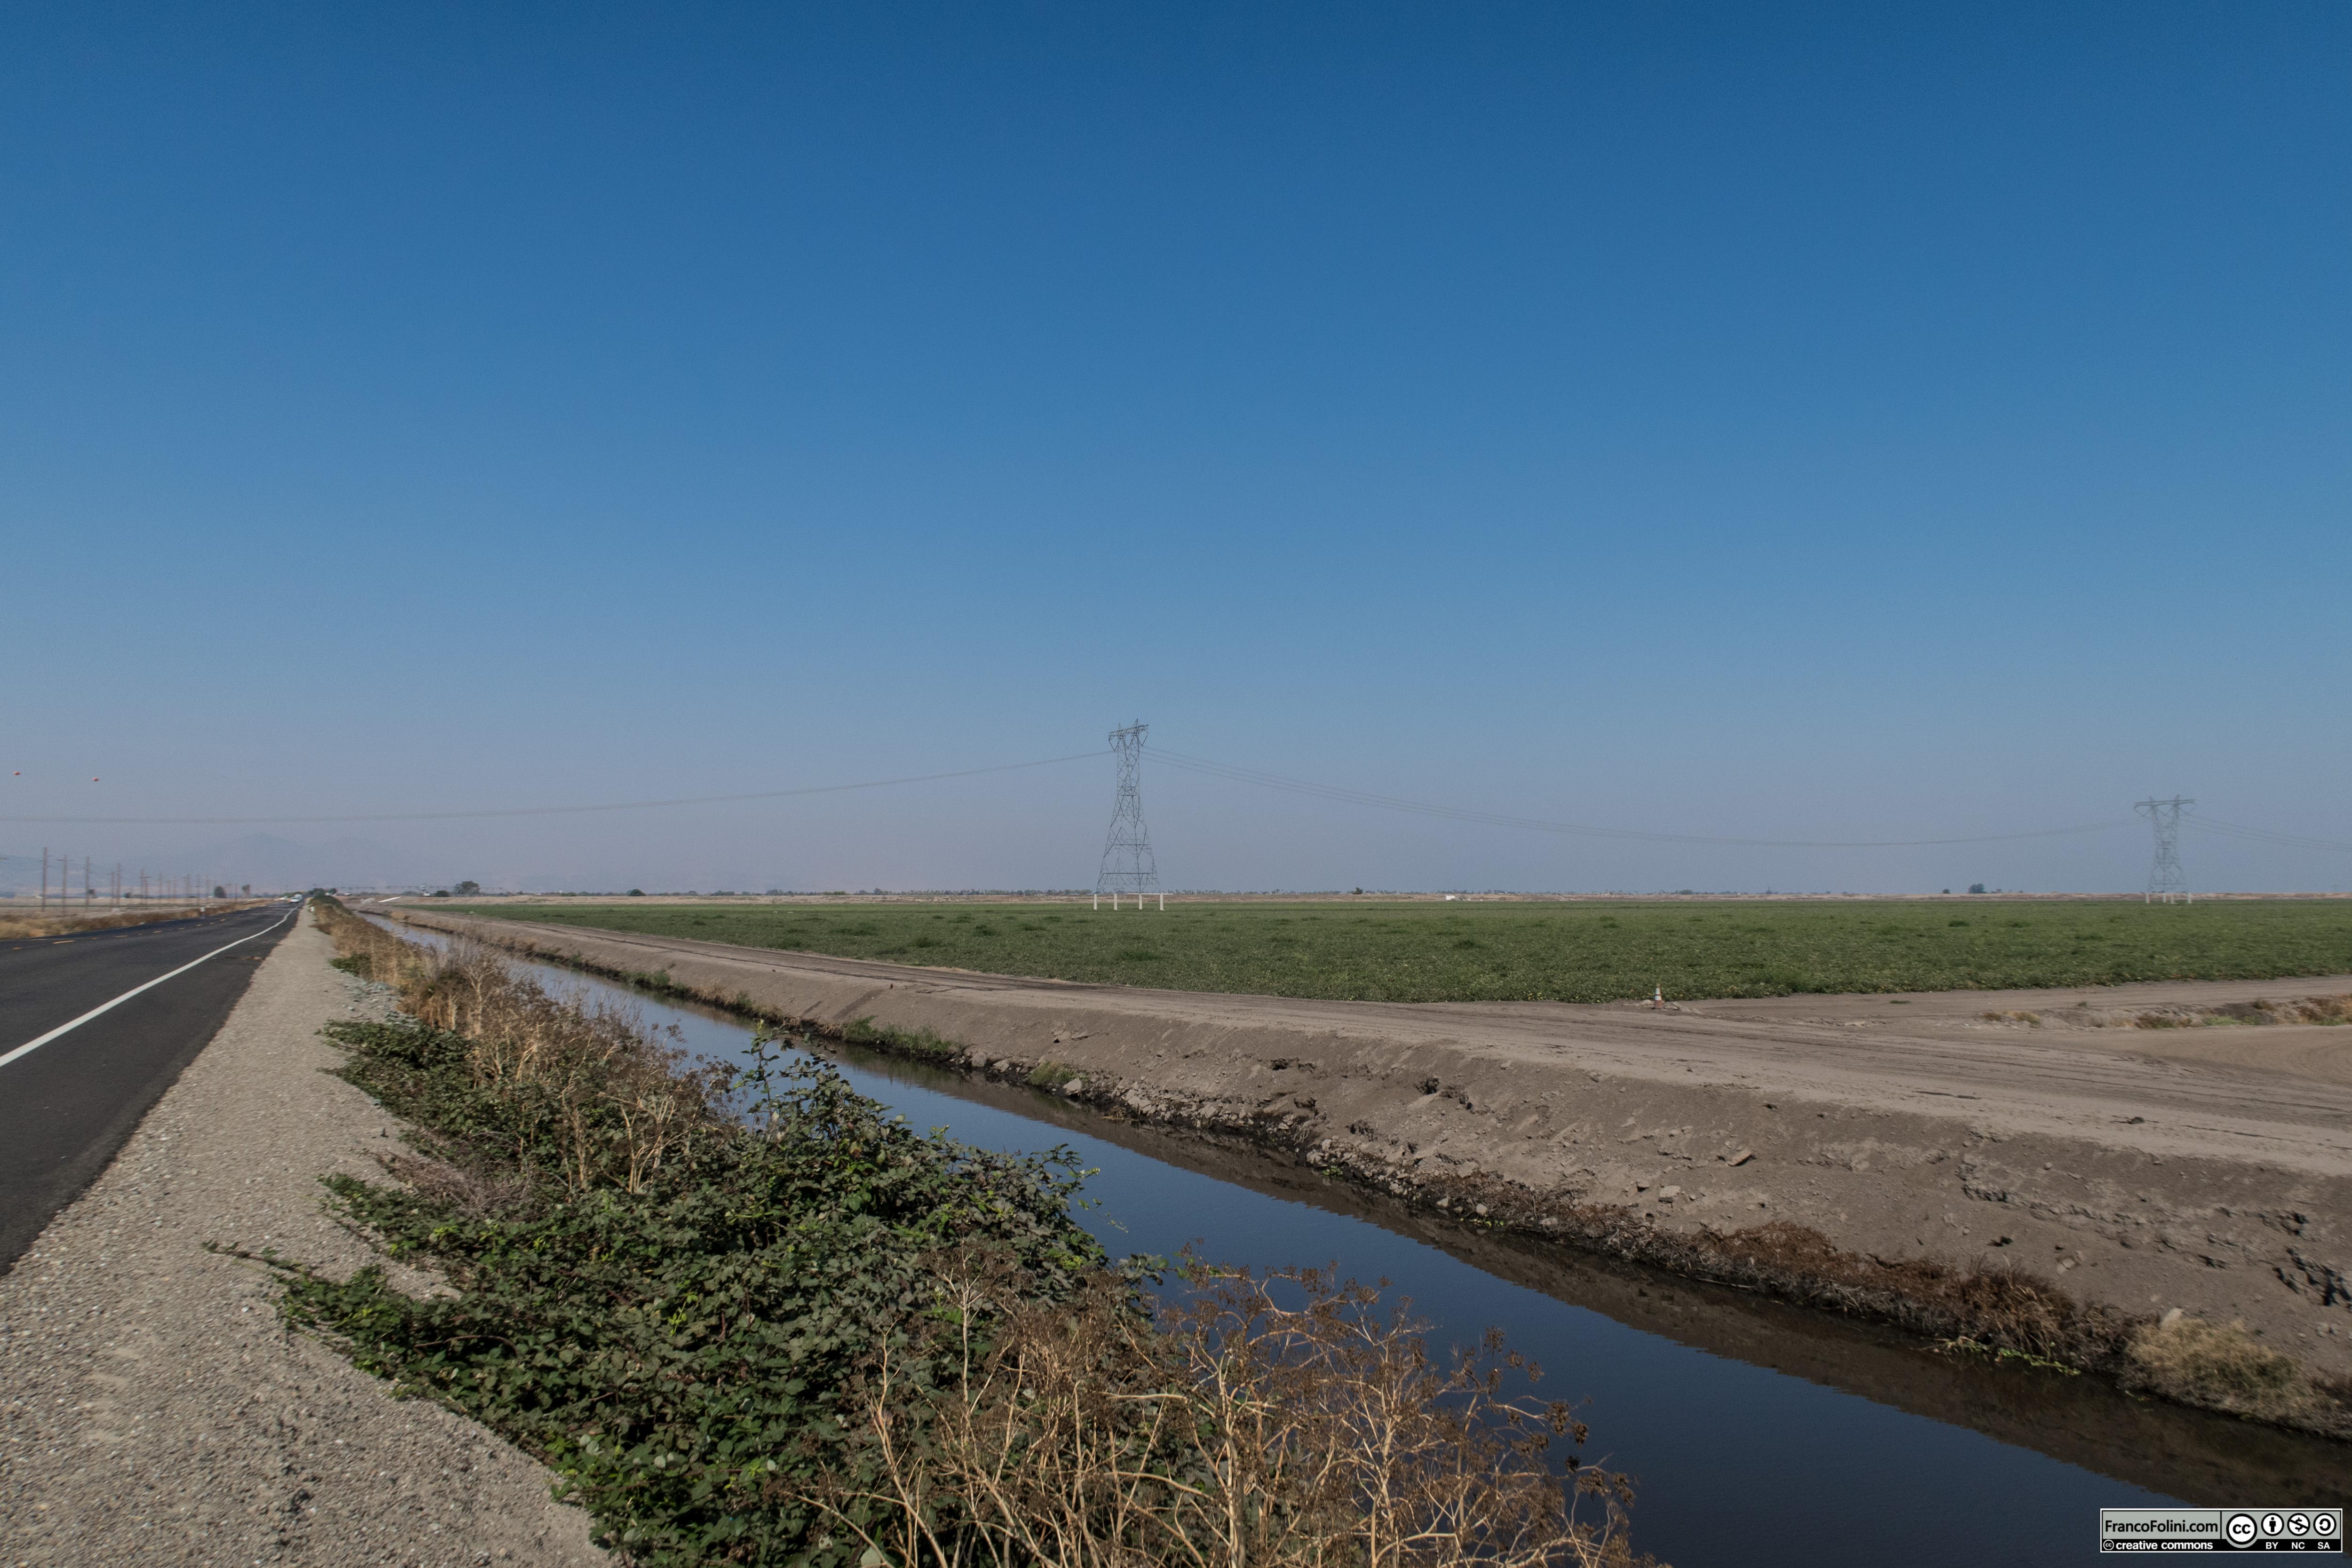 Canali e coltivazioni di pomodori costeggiano la Highway 4 nel tratto che postra a Stockton provenendo da Brentwood.